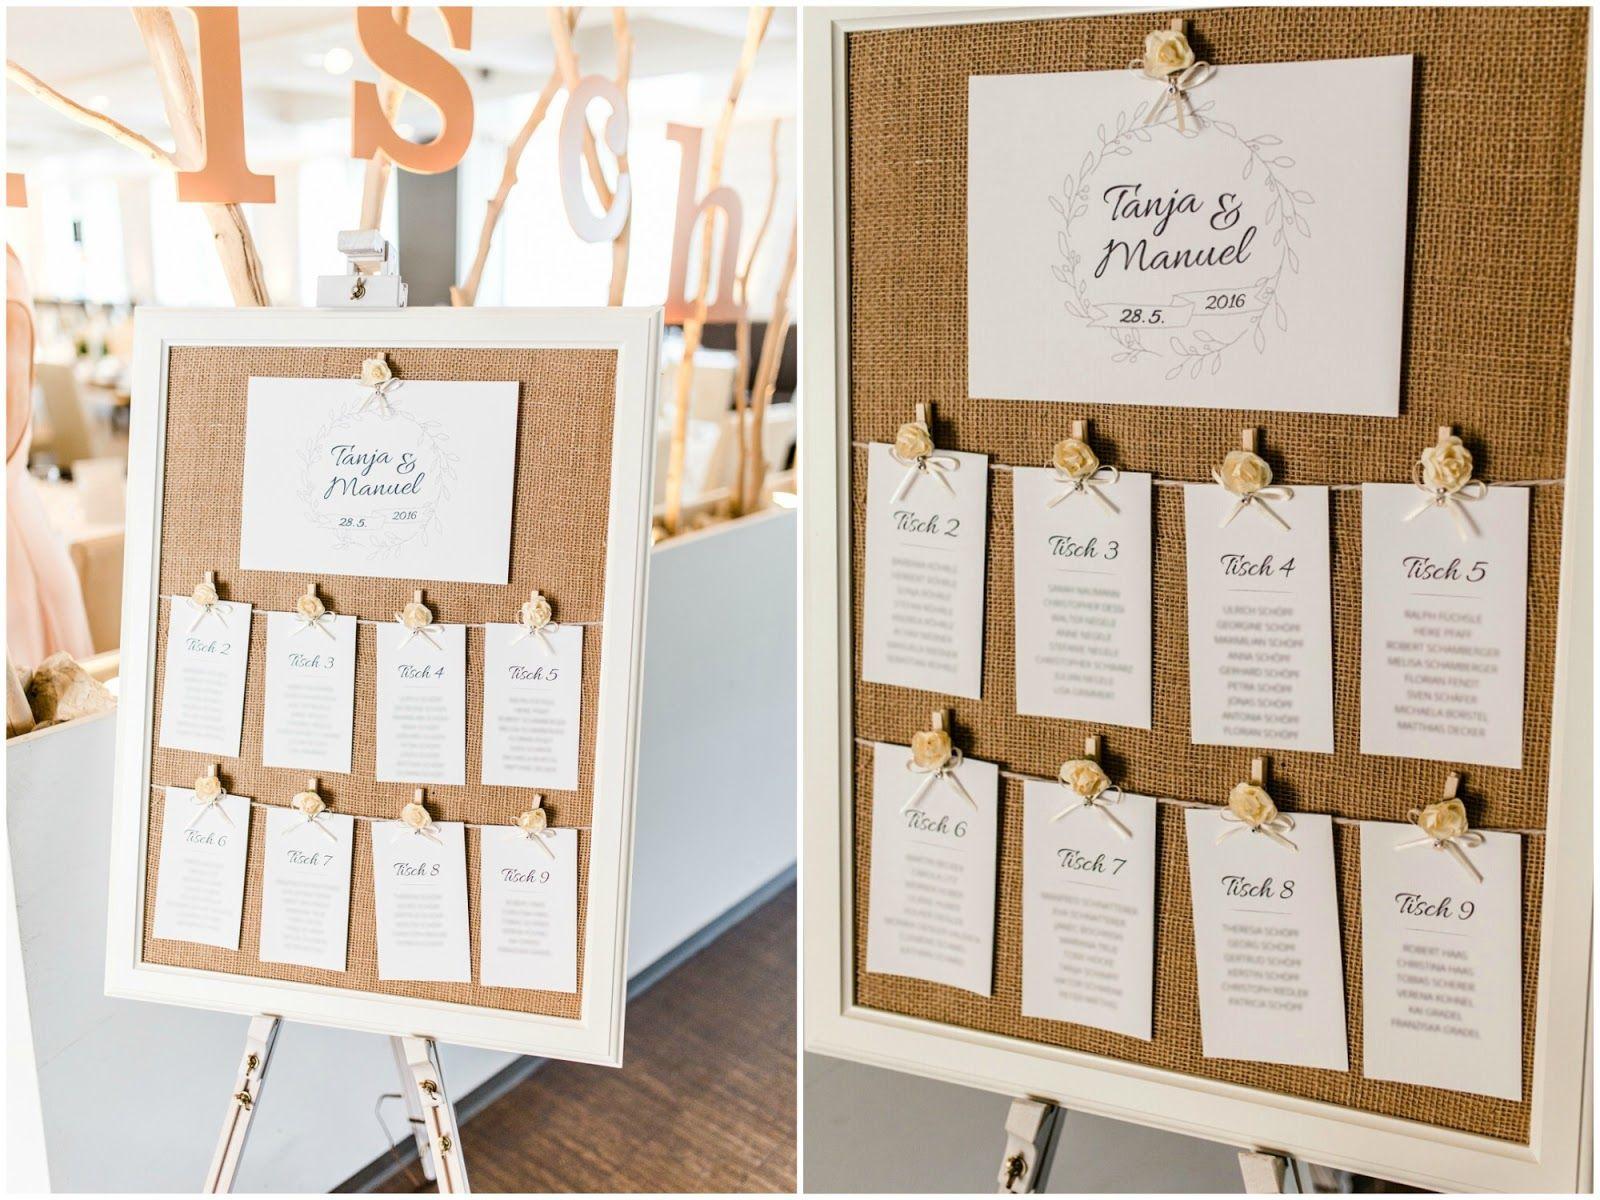 Weddingstationary tablecards seatingplan Sitzplatztafel